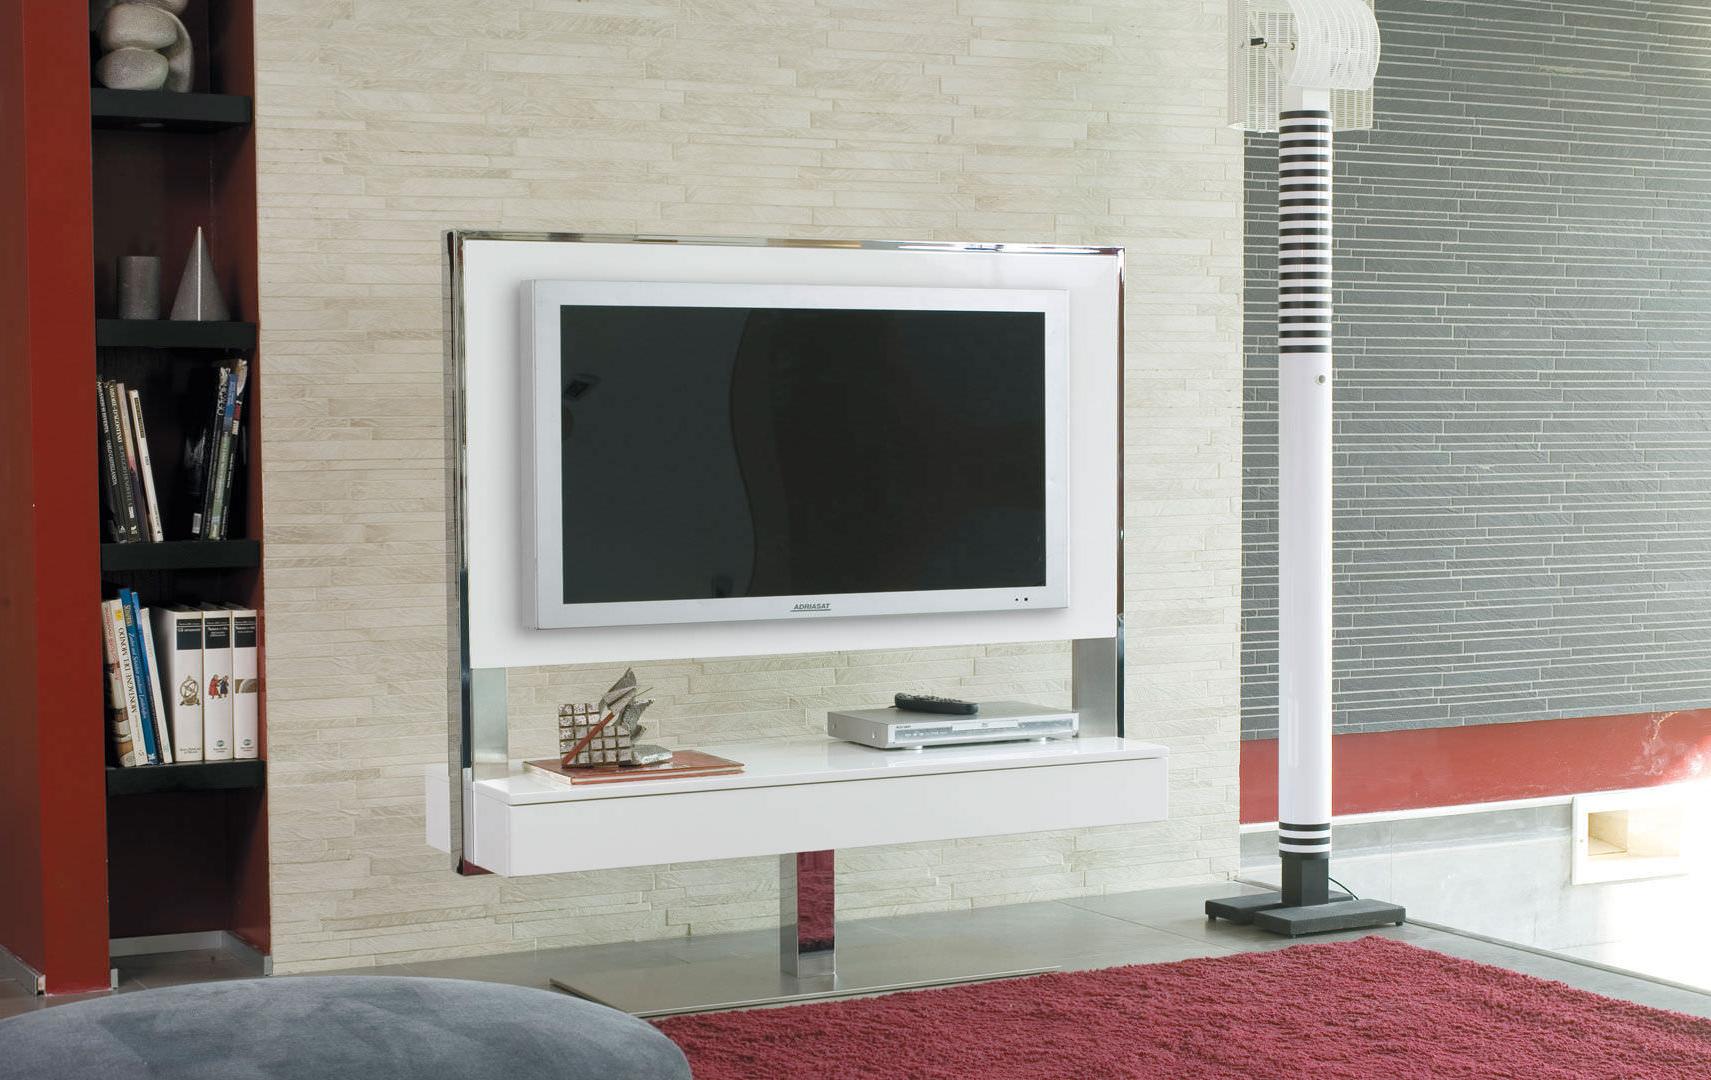 Mueble Tv Giratorio 360 J7do Mueble De Televisià N De Estilo Moderno Giratorio De Acero De